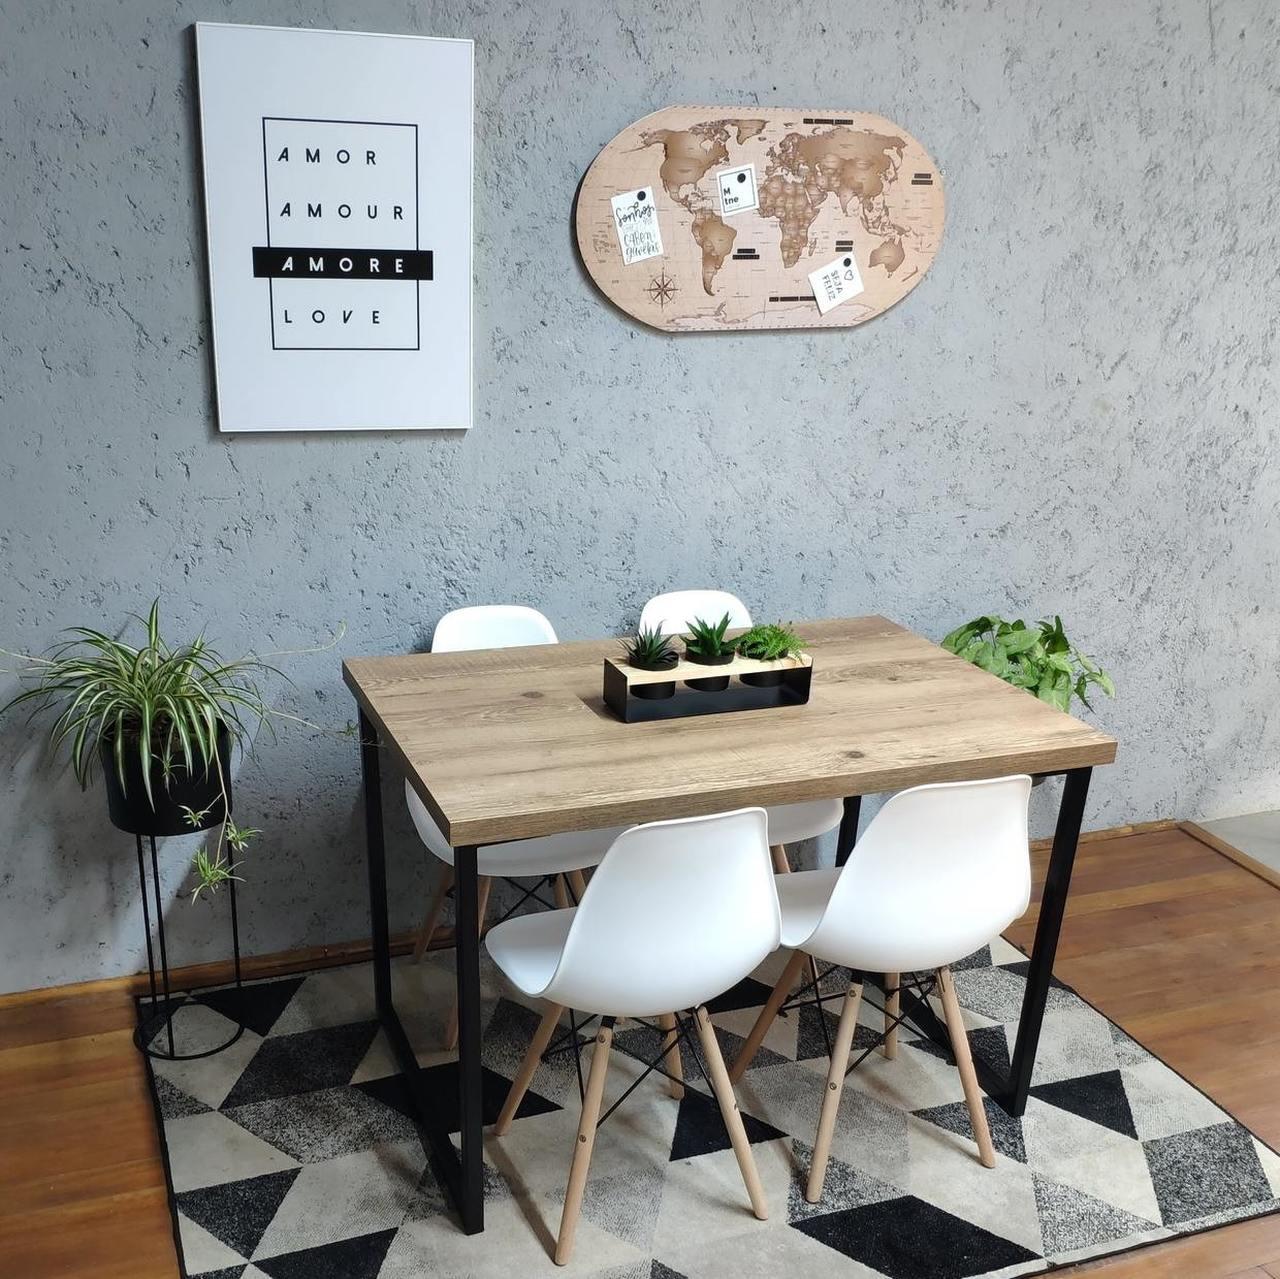 Mesa de Jantar Antiqua Squared Legs com 4 Cadeiras Eames Brancas  - Mtne Store